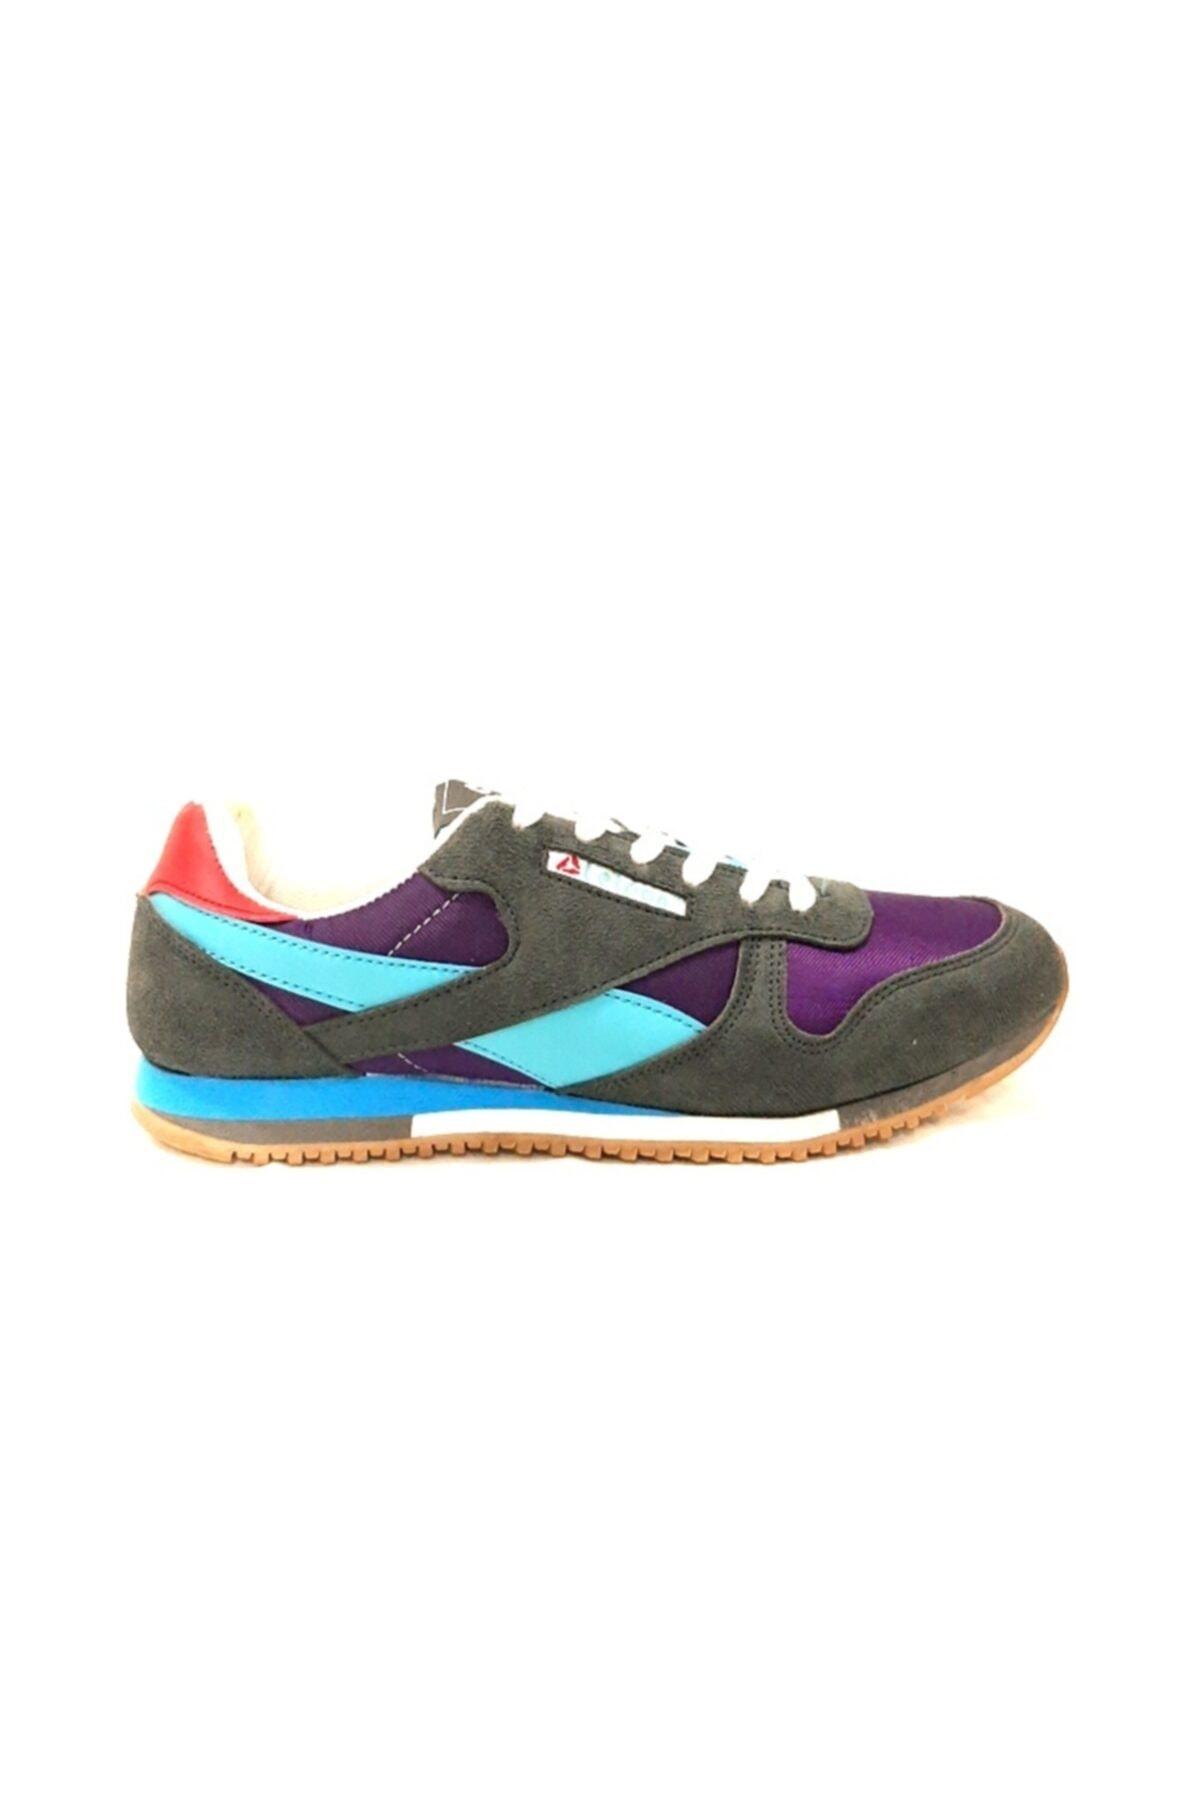 LETOON Ortapedik Çoklu Renk Unisex Spor Ayakkabı 1